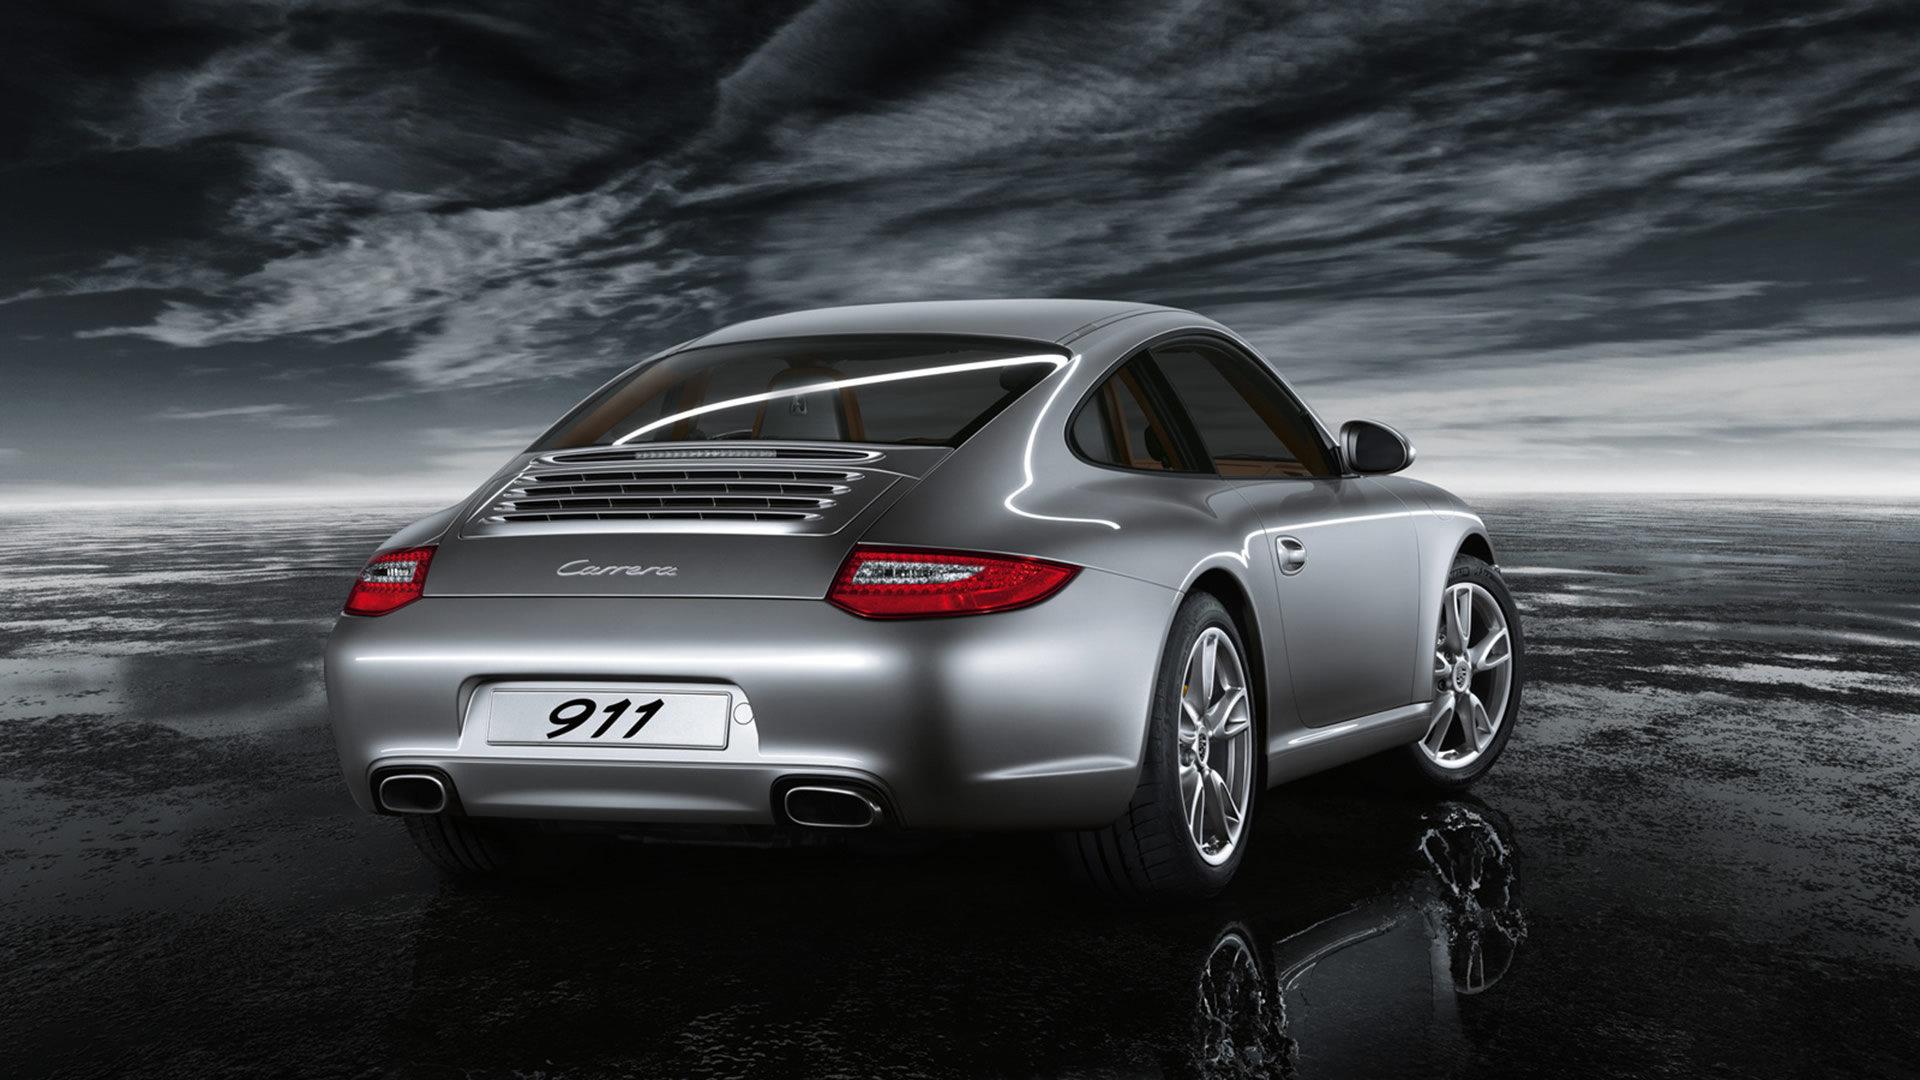 Porsche Hd Wallpapers 1080p: Porsche Wallpapers 1920x1080 Full HD (1080p) Desktop